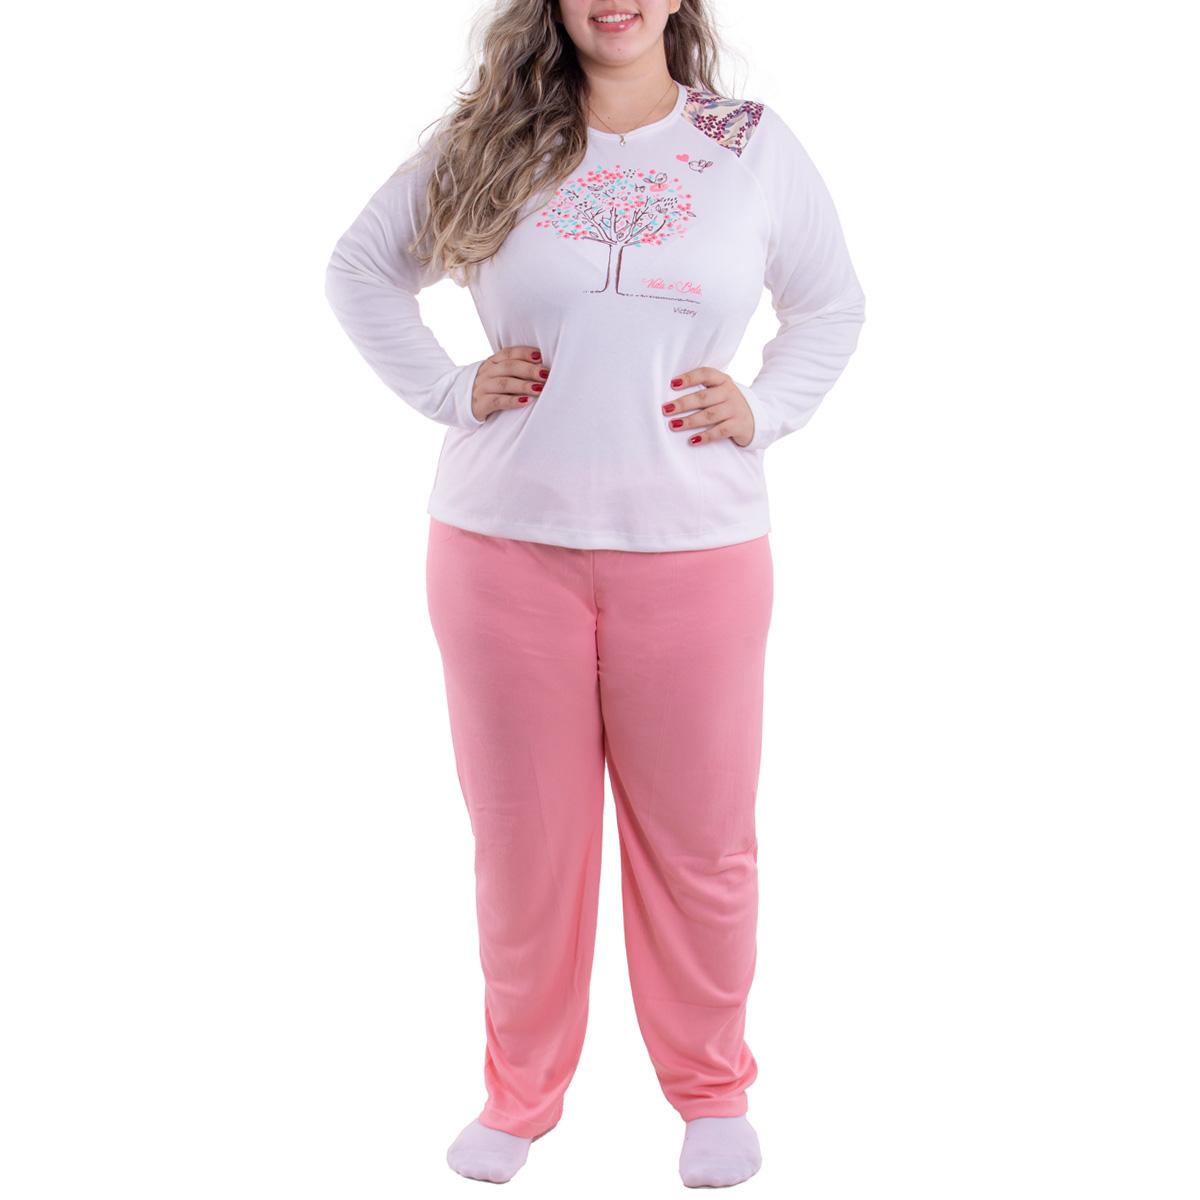 Pijama feminino para o inverno plus size TRADICIONAL Victory